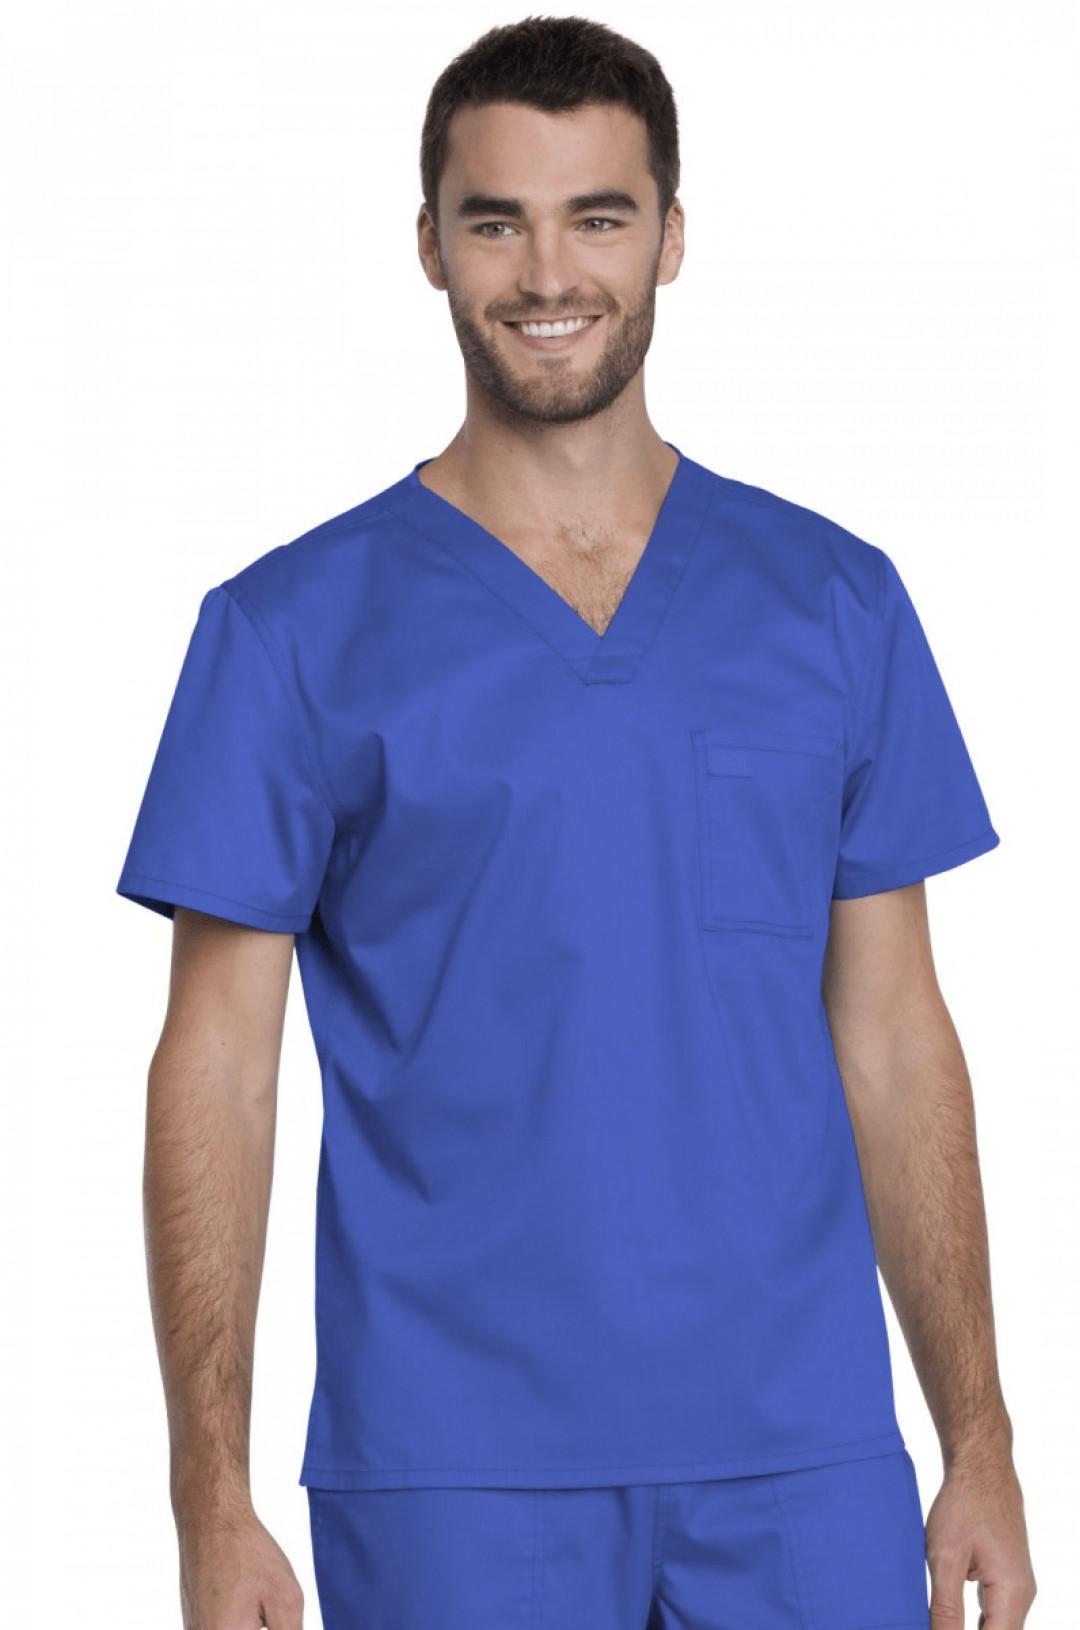 Топ медицинский мужской DICKIES GD 620 (голубой ROY, стрейч)